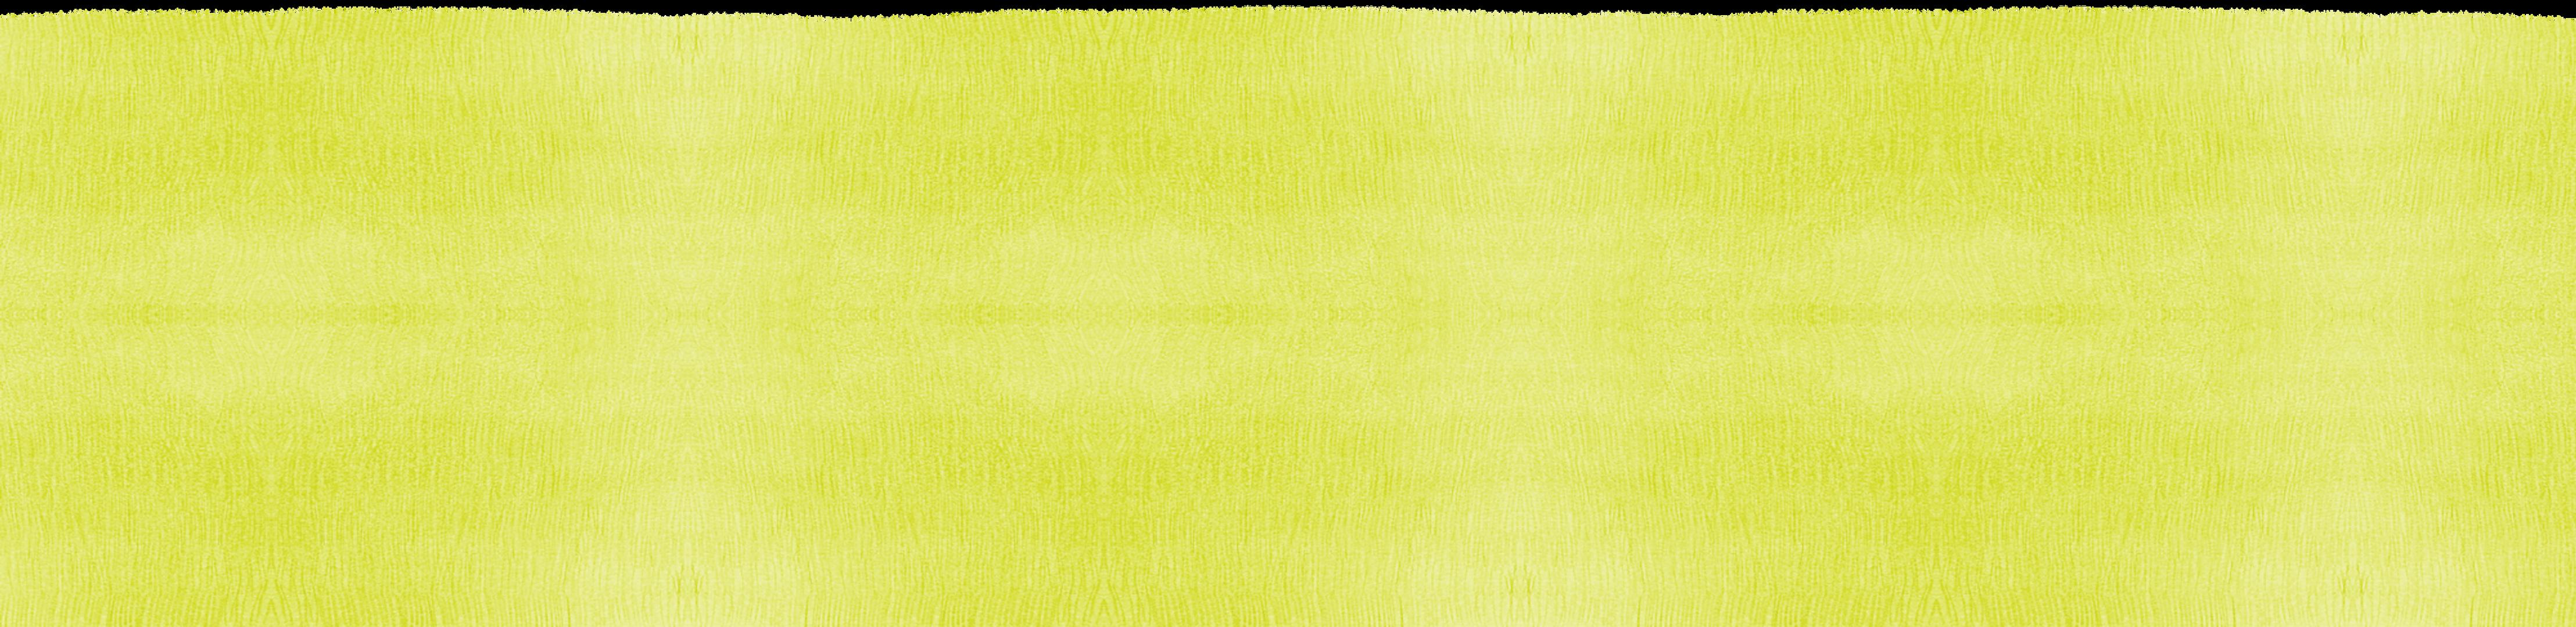 背景緑タイル全面.png